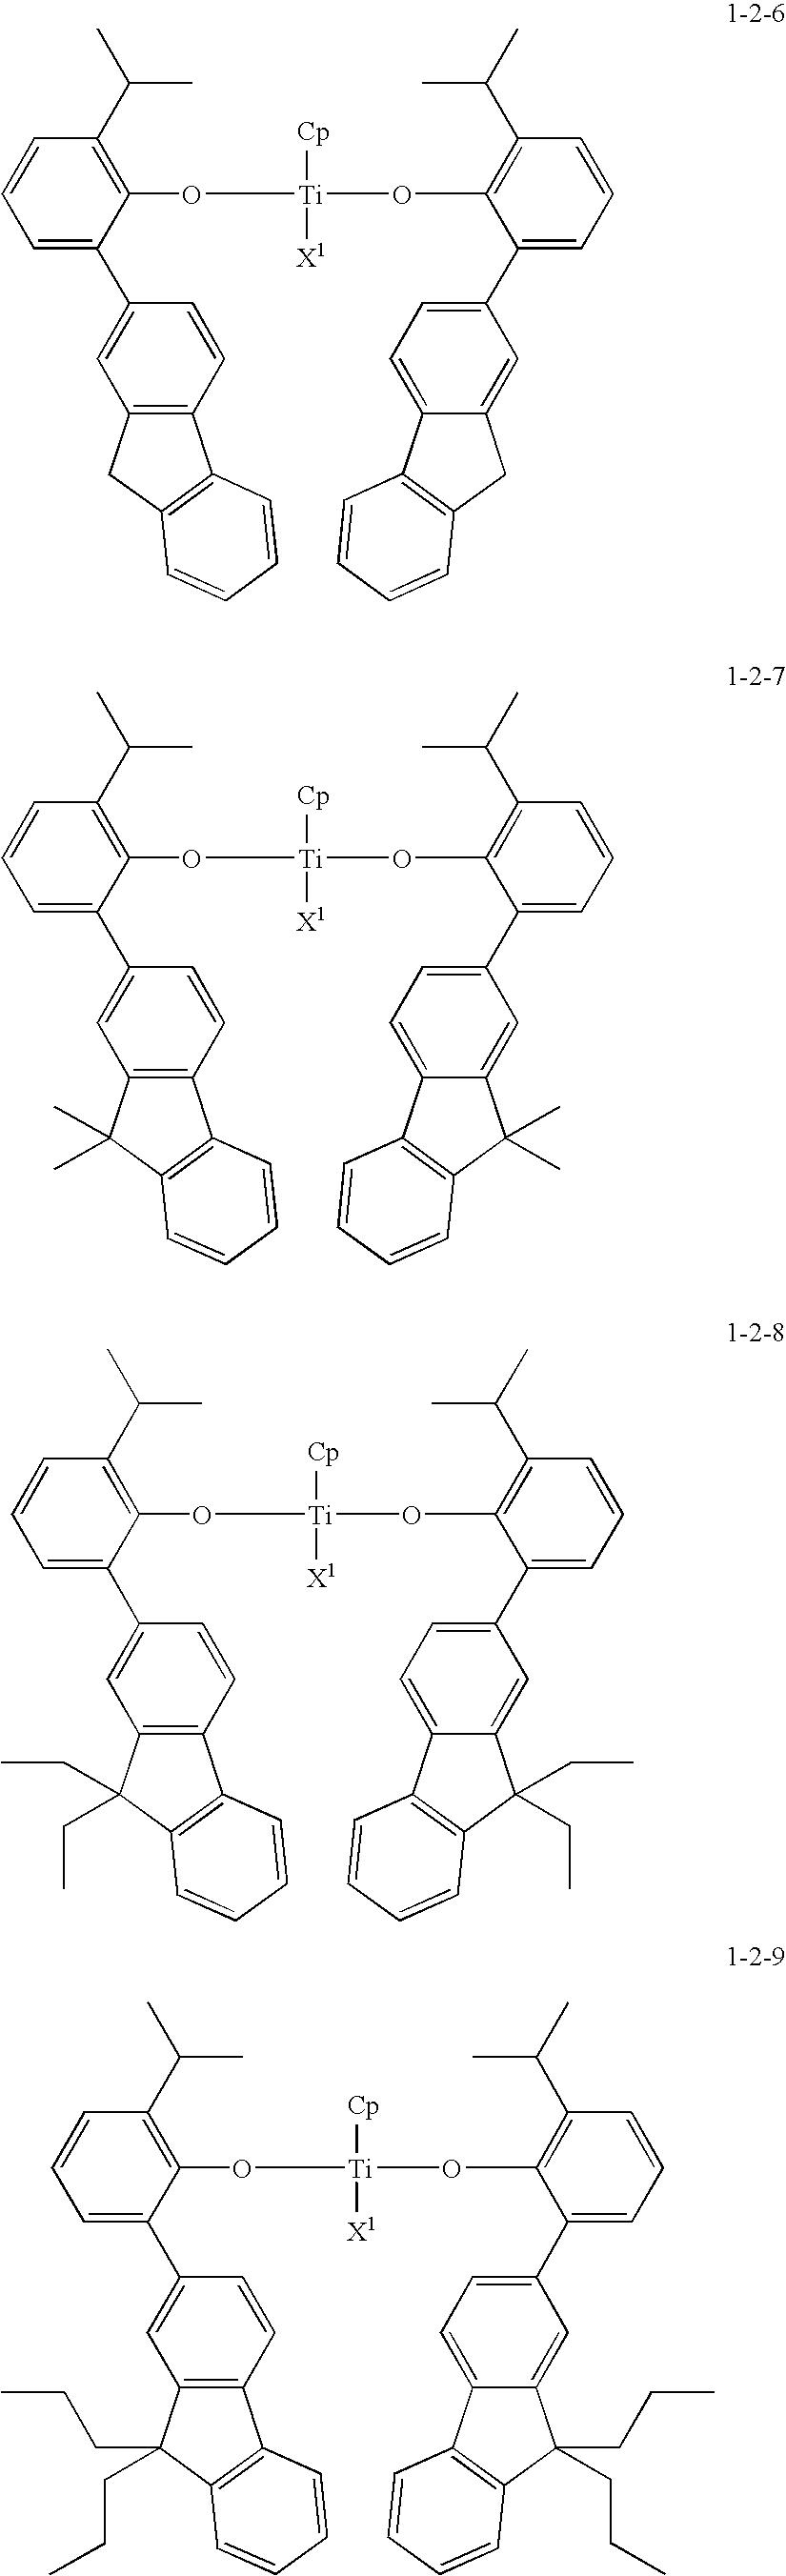 Figure US20100081776A1-20100401-C00057